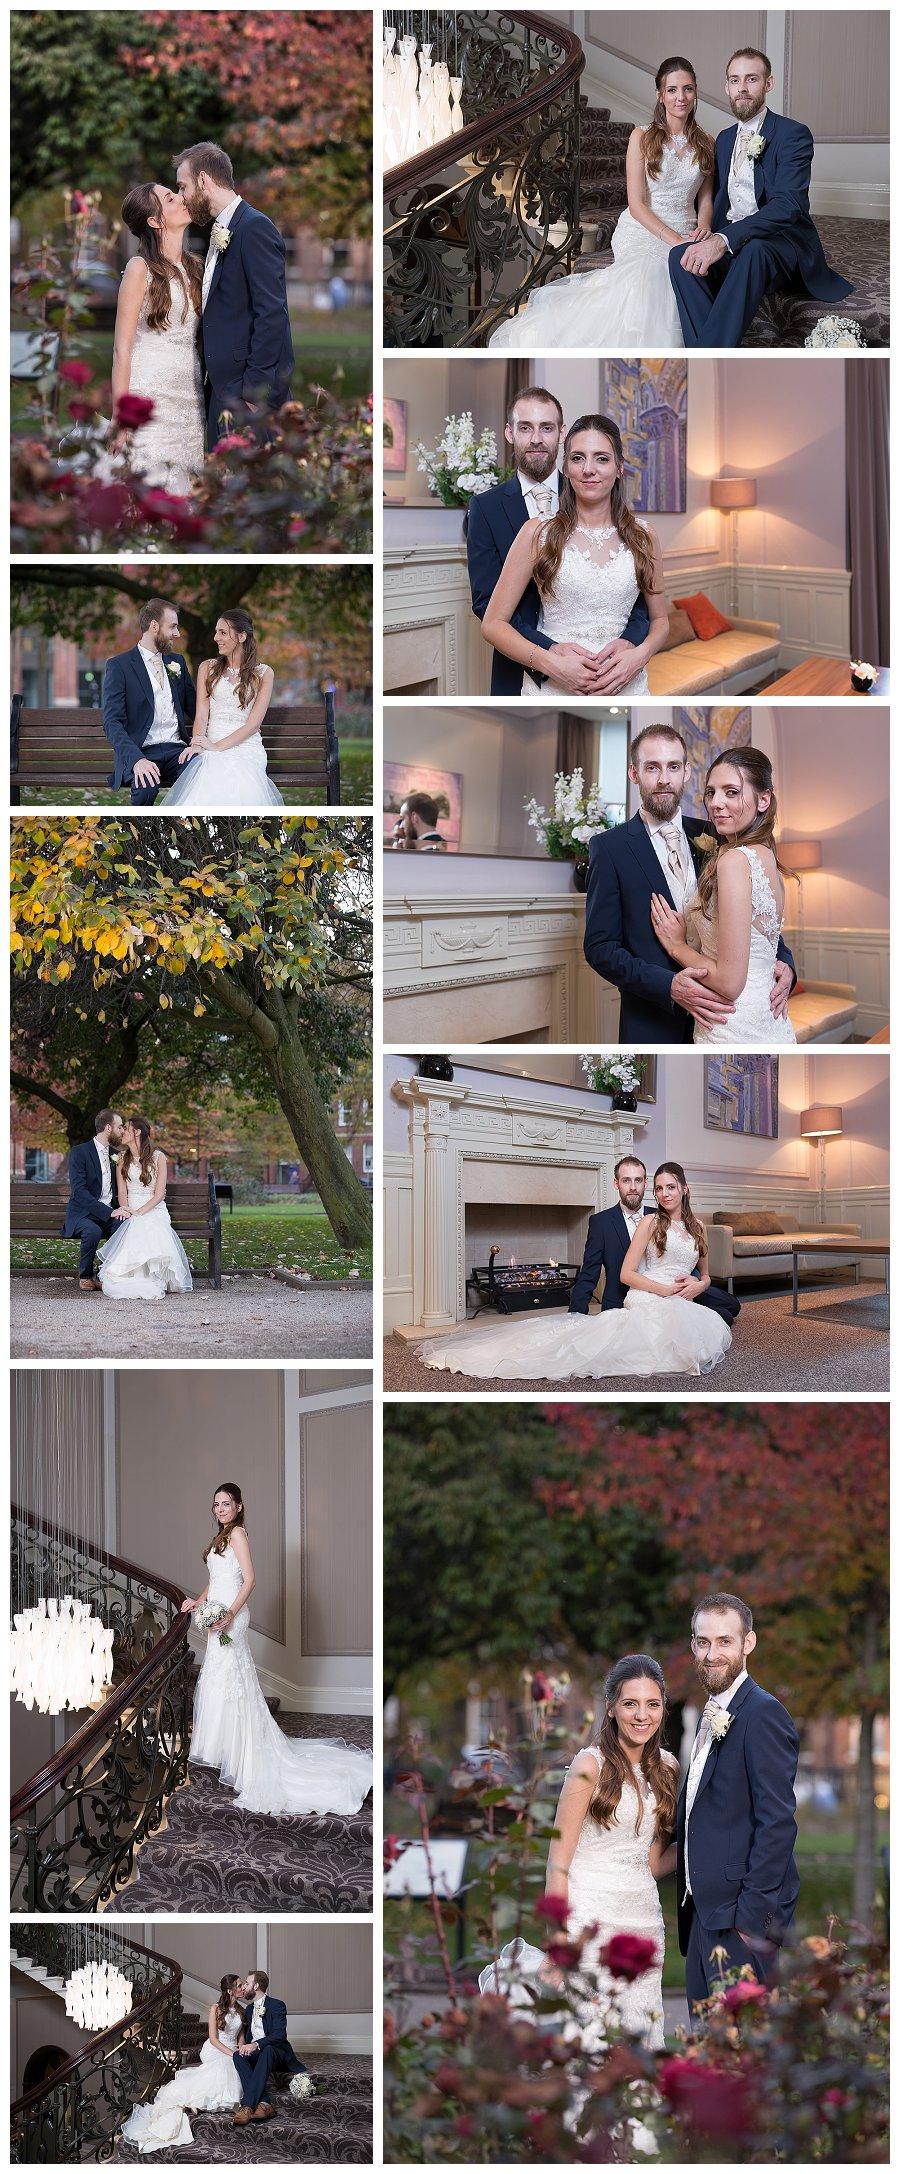 Leeds metropole hotel wedding photography, Met hotel Leeds weddings, photograph metropole hotel leeds